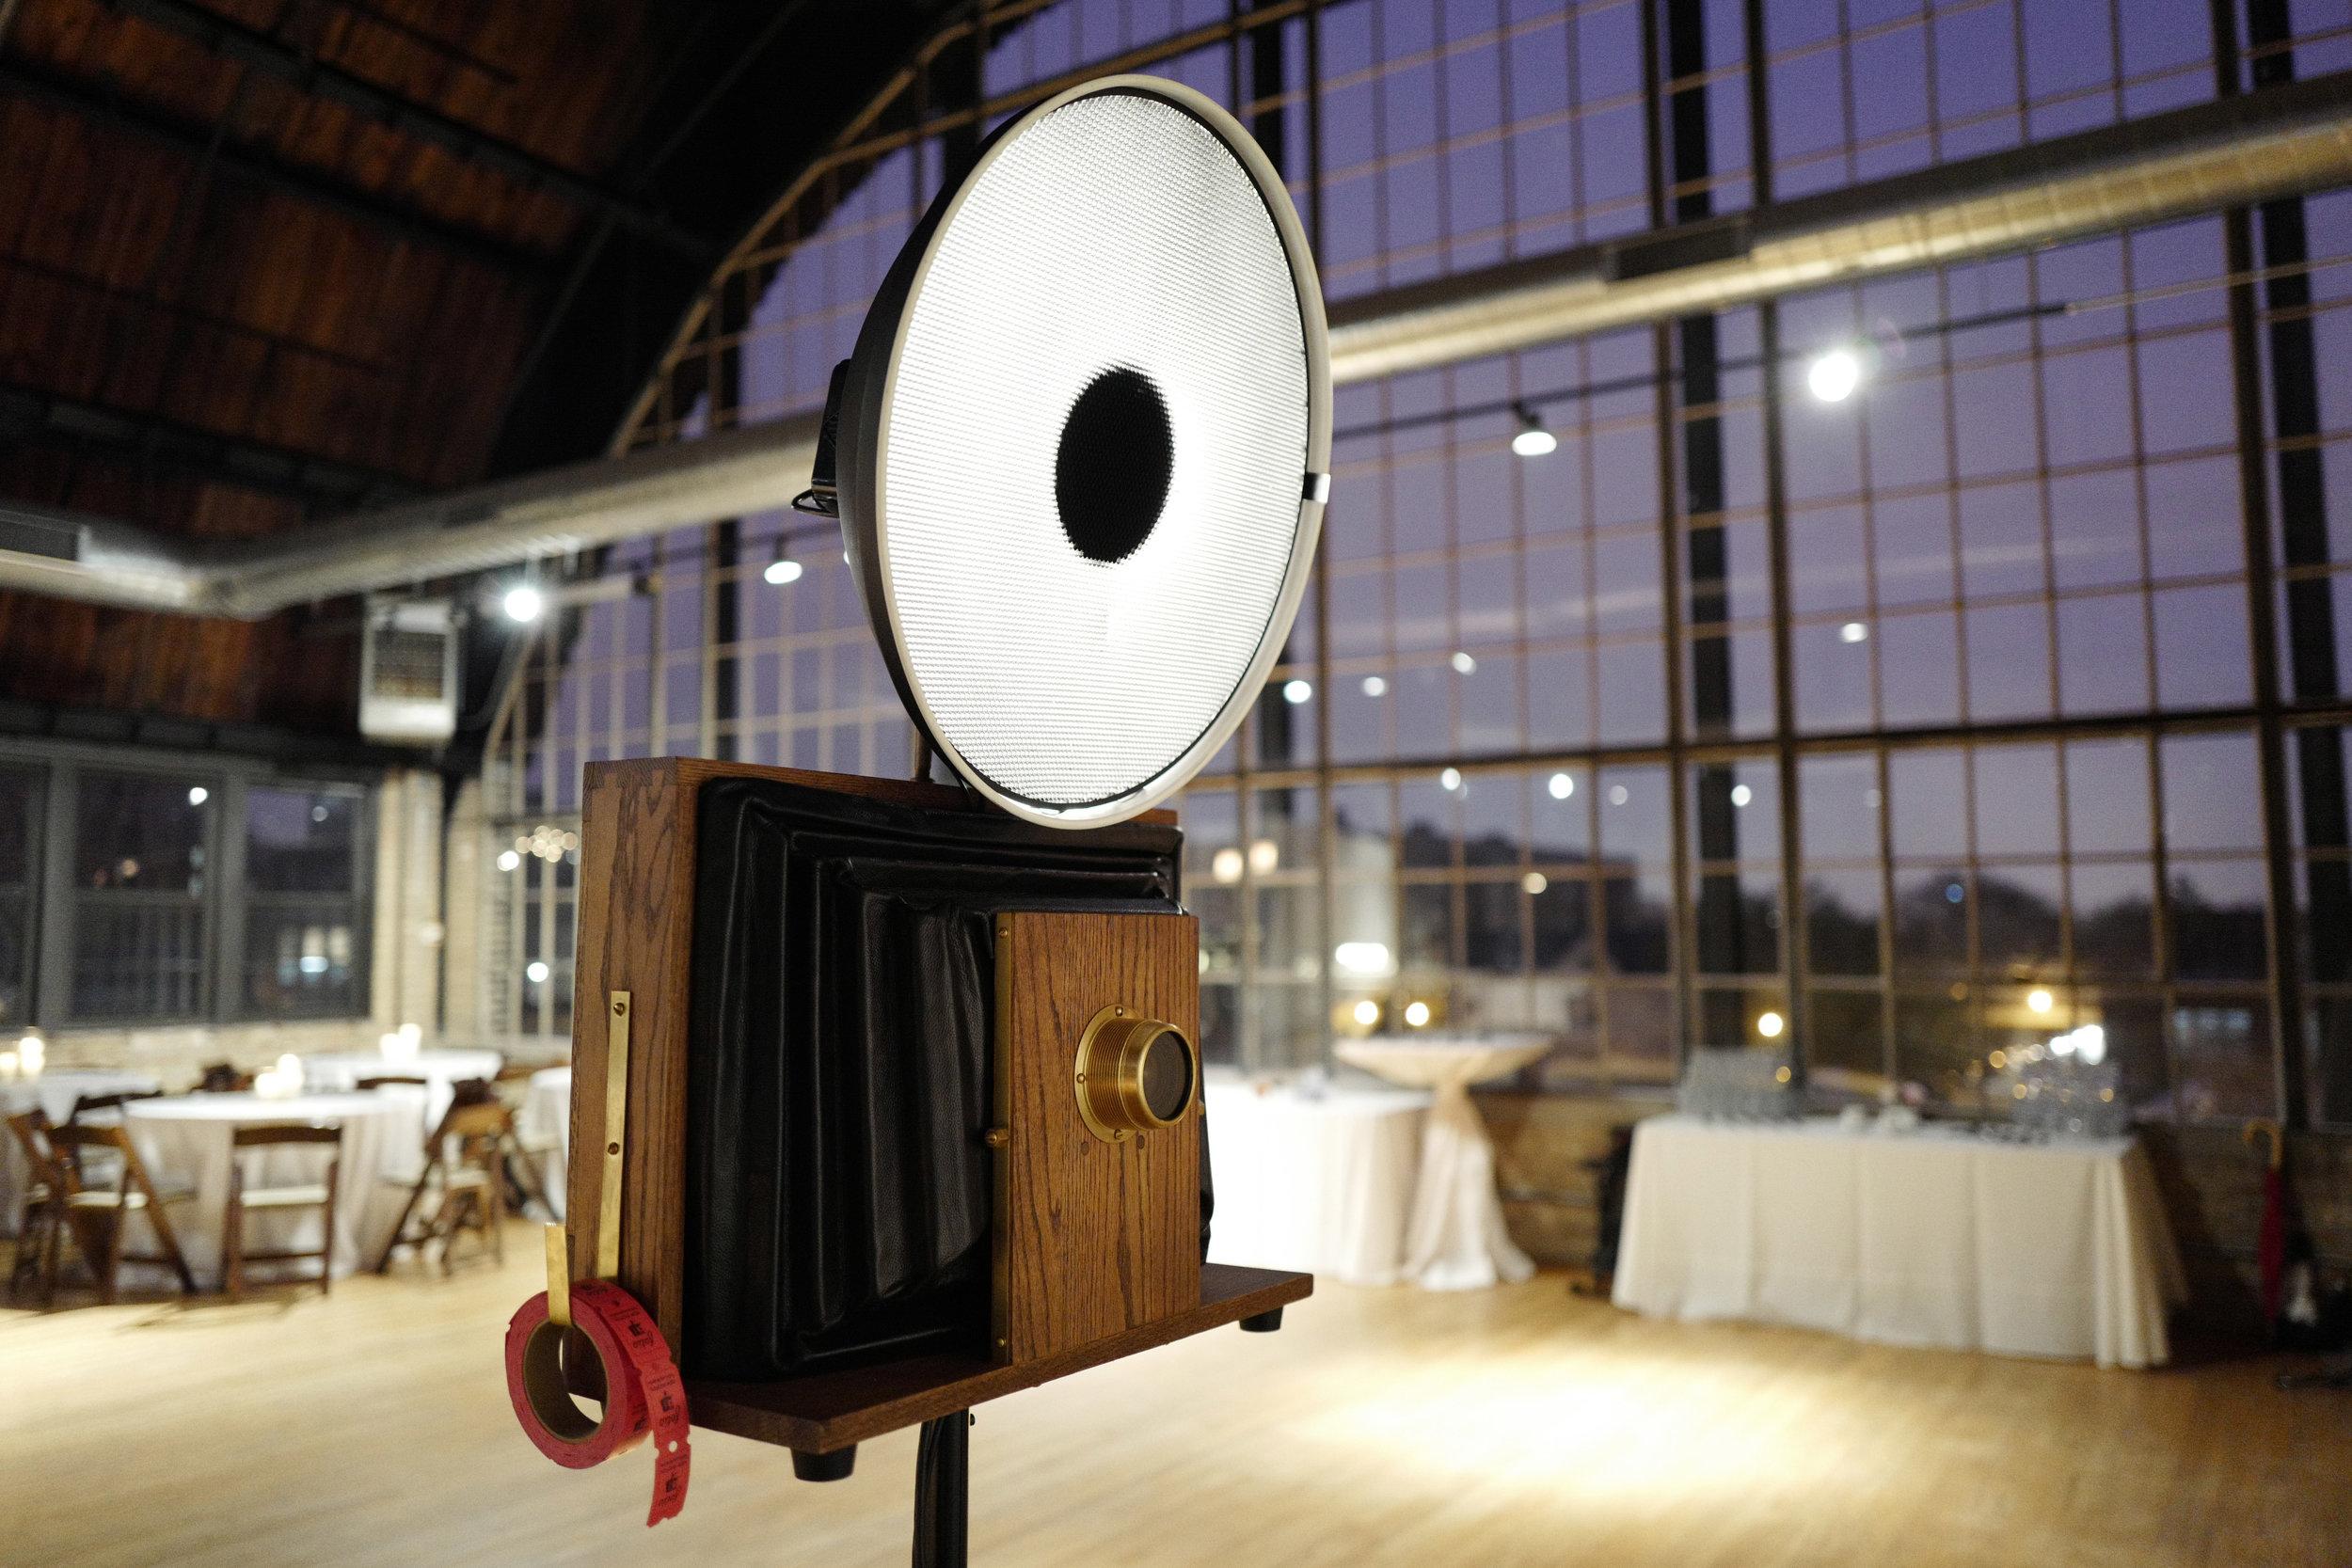 Fotio all setup for the wedding reception at Ravenswood Event Center Atrium Loft.